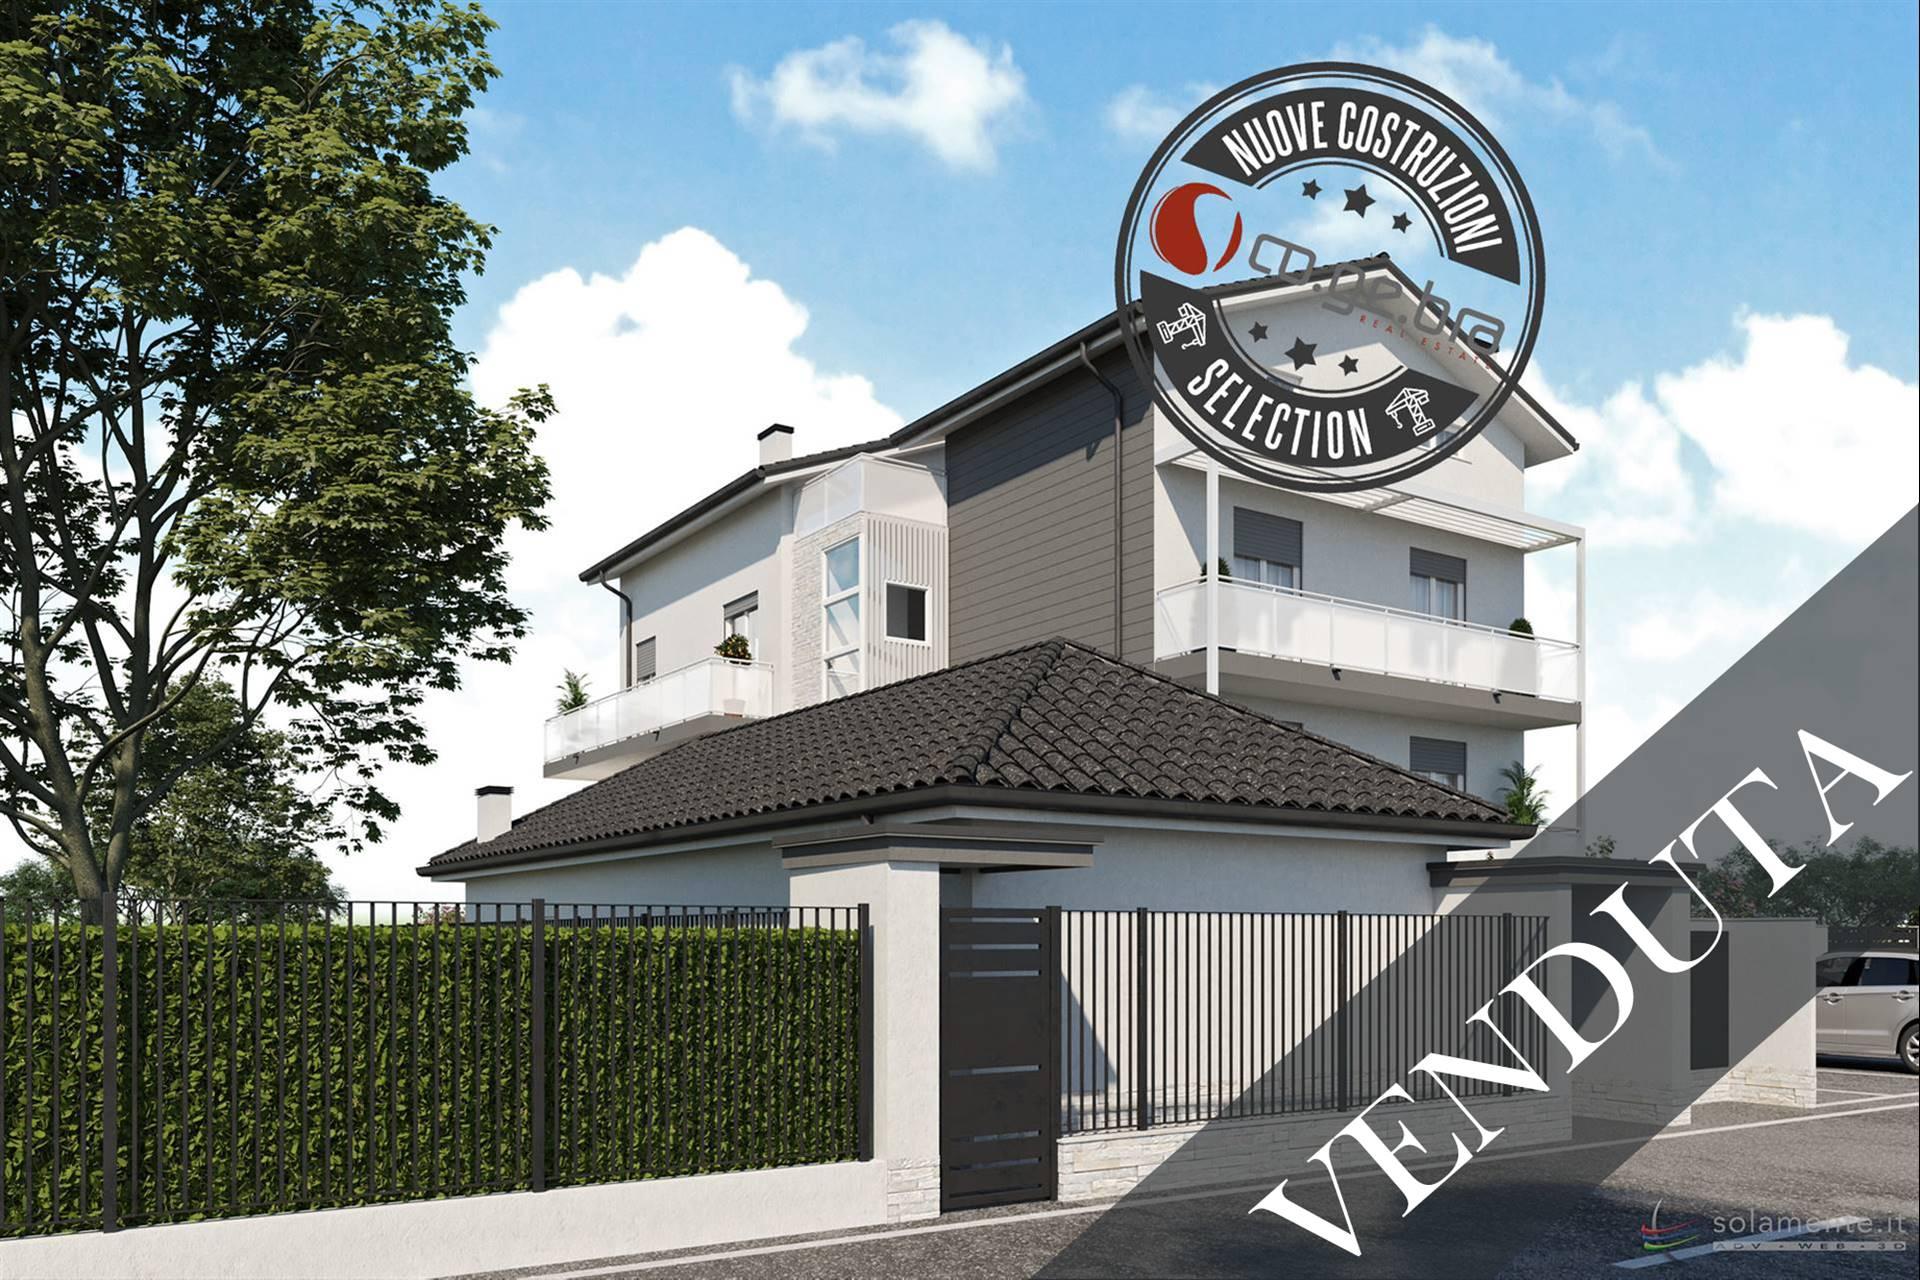 Appartamento in vendita a Cesano Maderno, 3 locali, prezzo € 187.000 | CambioCasa.it